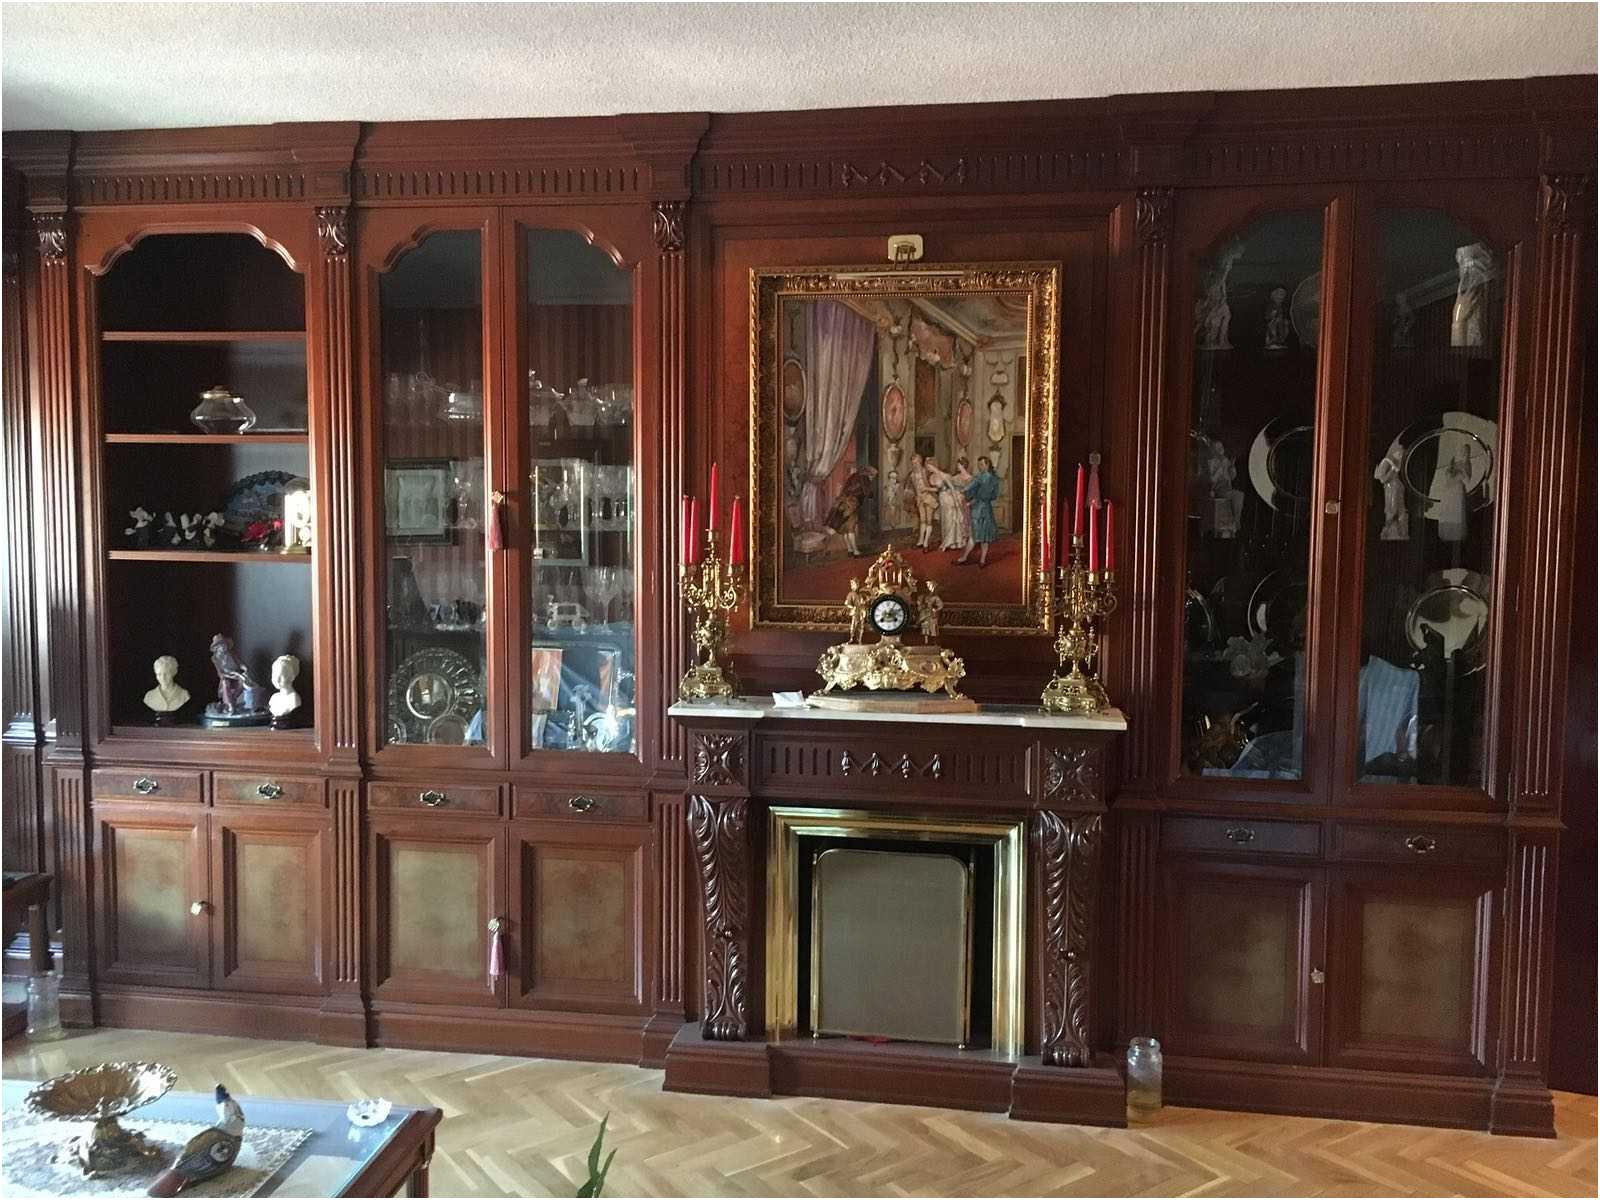 Donde Vender Muebles Usados En Madrid Ipdd Donde Vender Muebles Usados Lujo Prar Muebles En Madrid Stunning